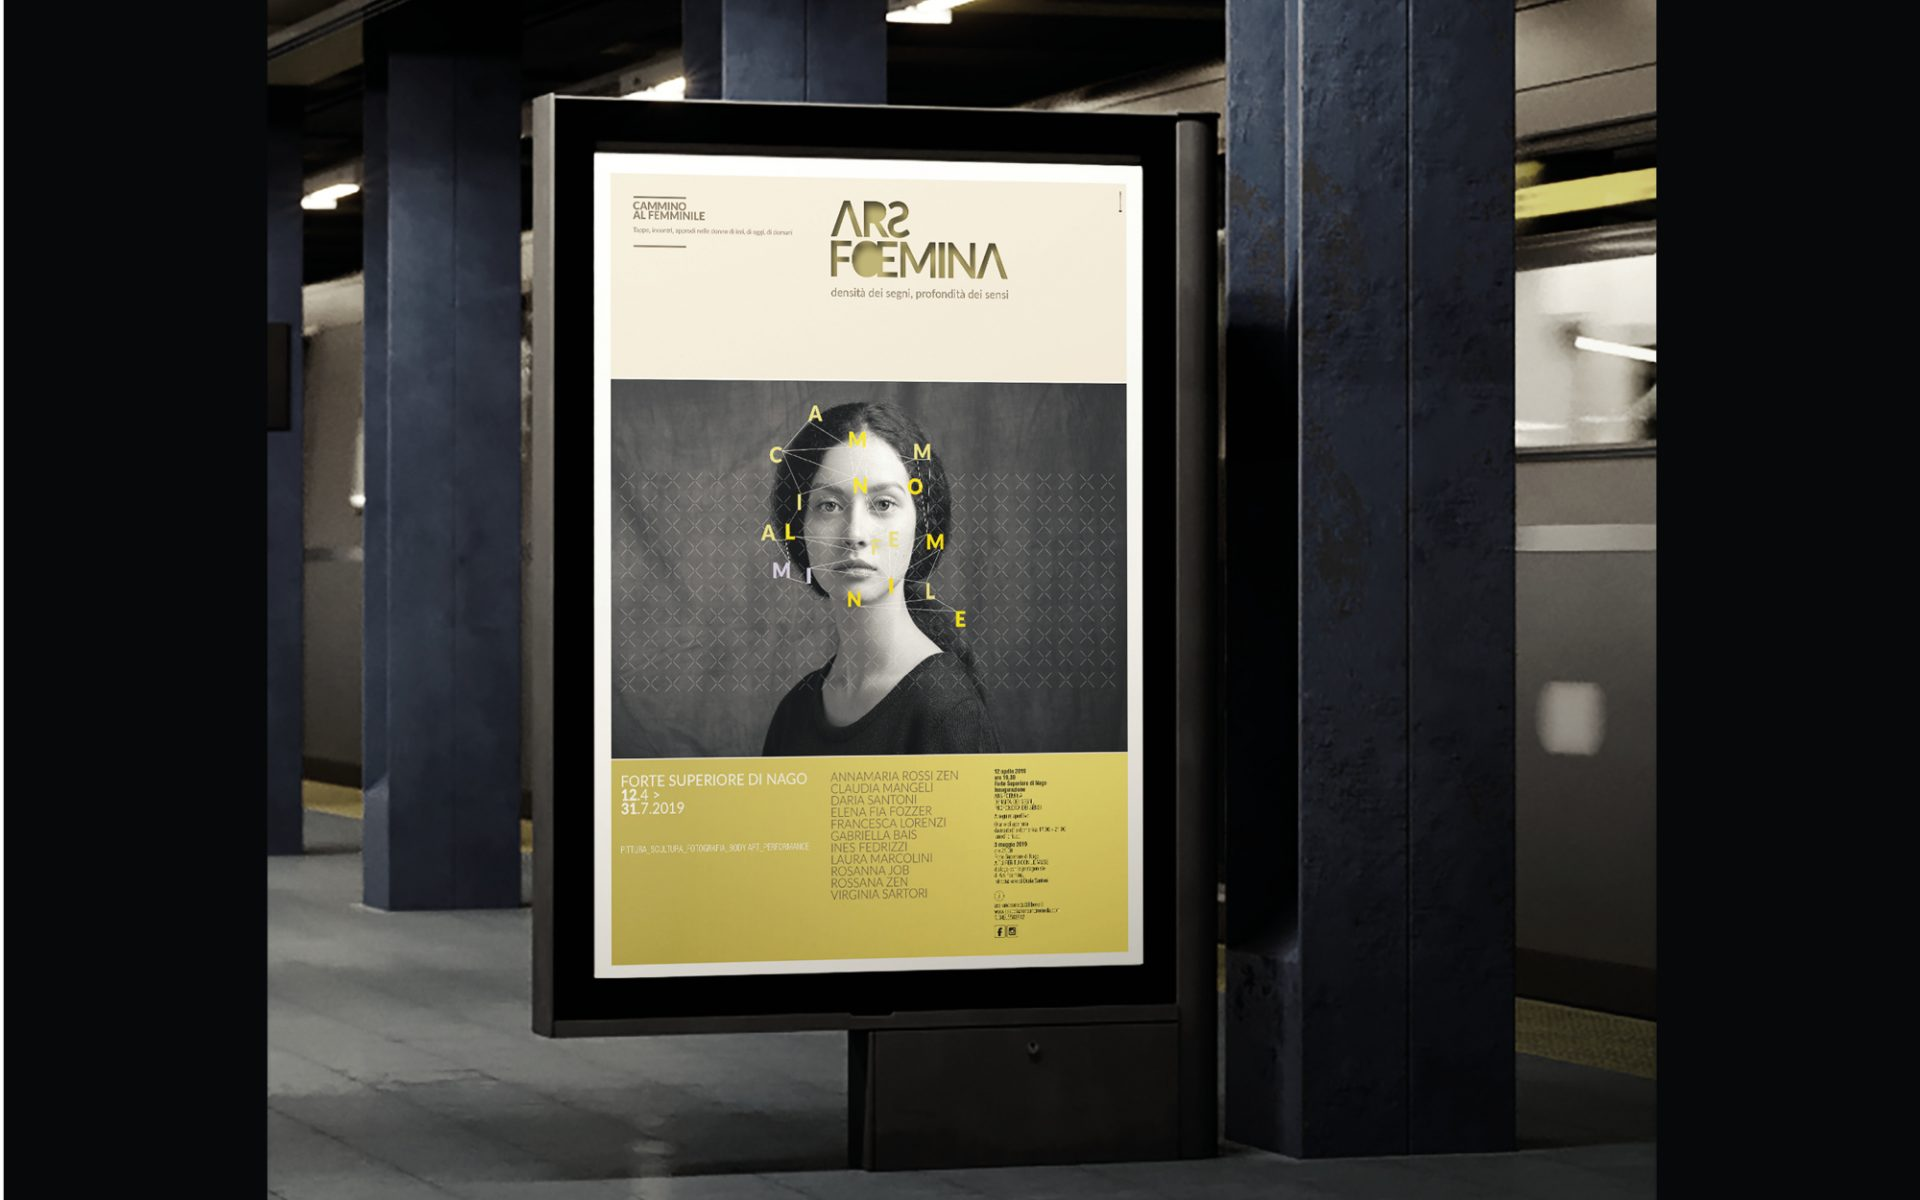 manifesto progettato dalla agenzia grafica Diadestudio per la mostra di arte al femminile Ars Foemina